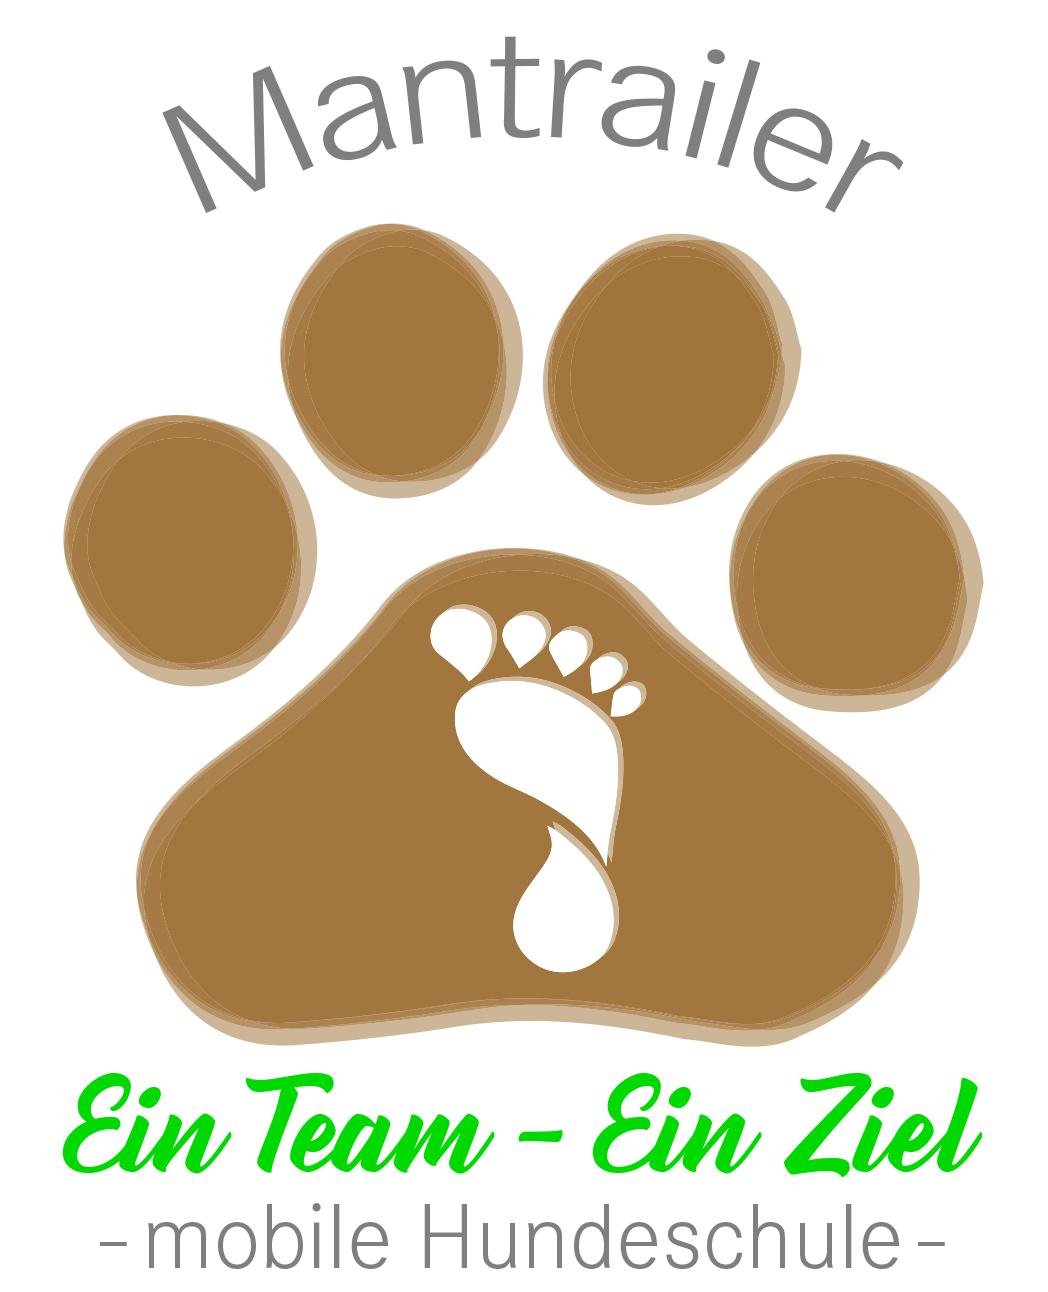 Ein_Team_Ein_Ziel_Logo_Vers1_0517